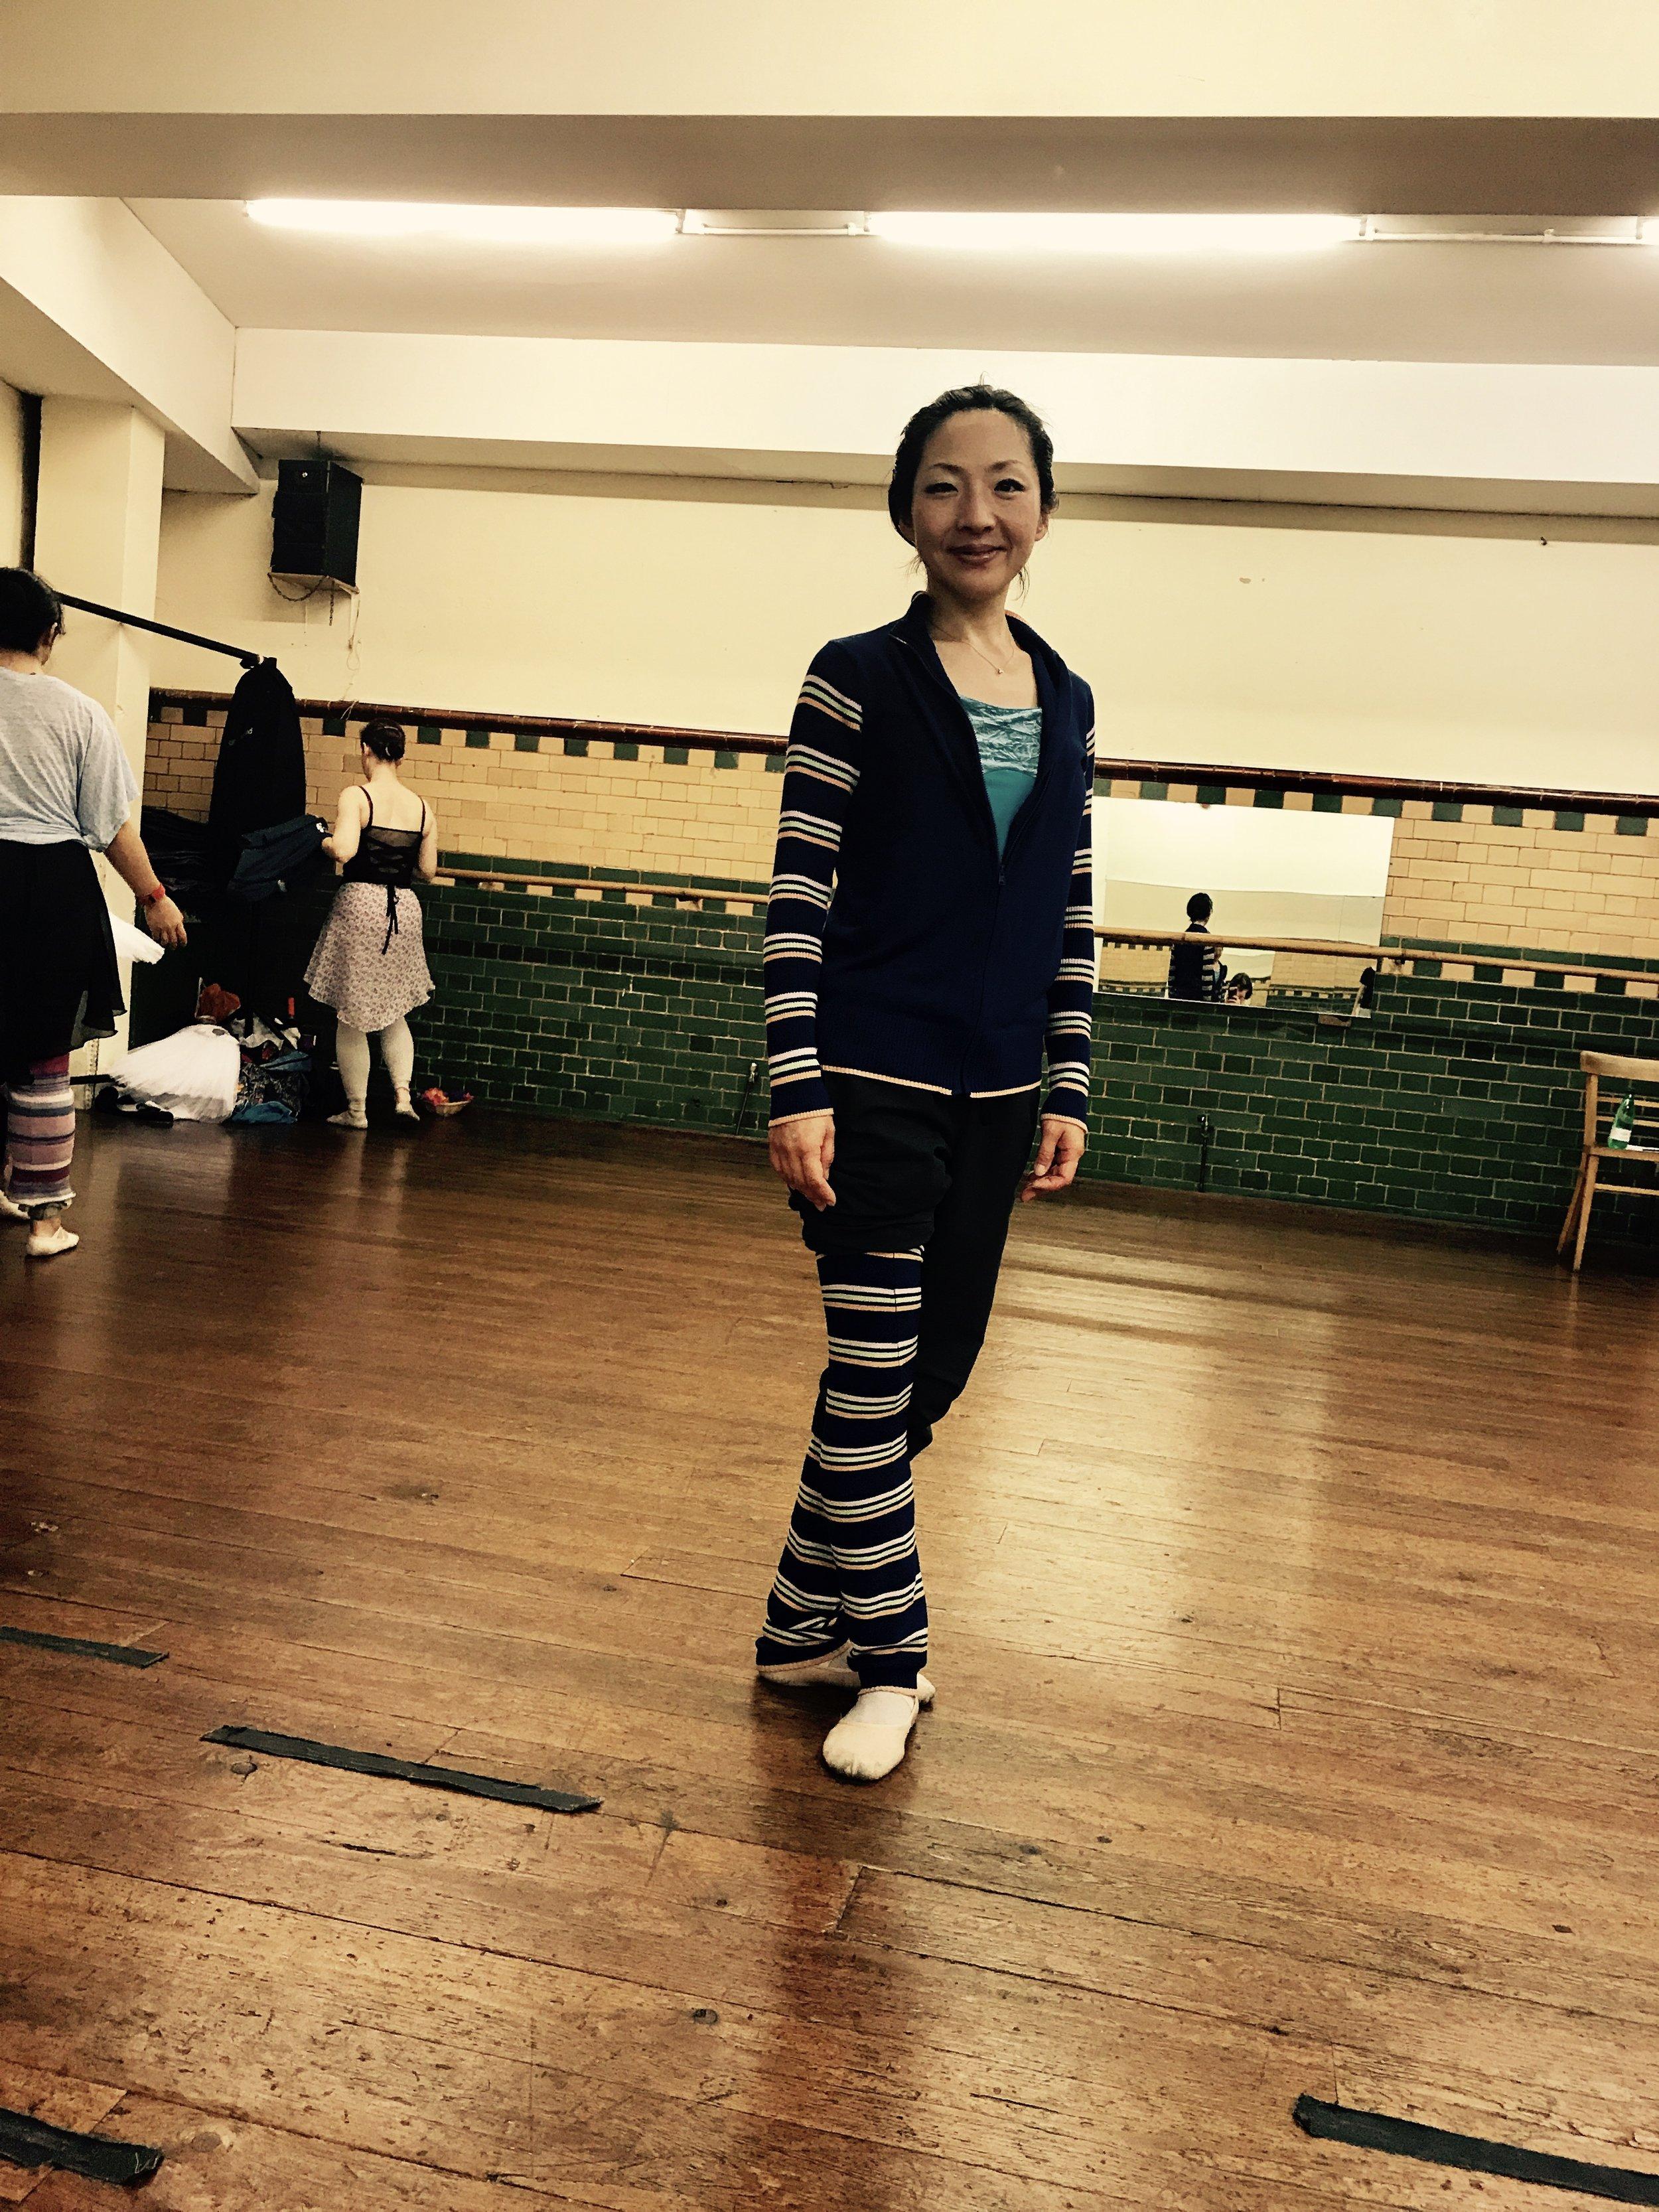 Yoshi wearing matching jacket and leg warmers, in some dynamic stripes.  Jacket and leg warmers -  https://www.chacott-jp.com